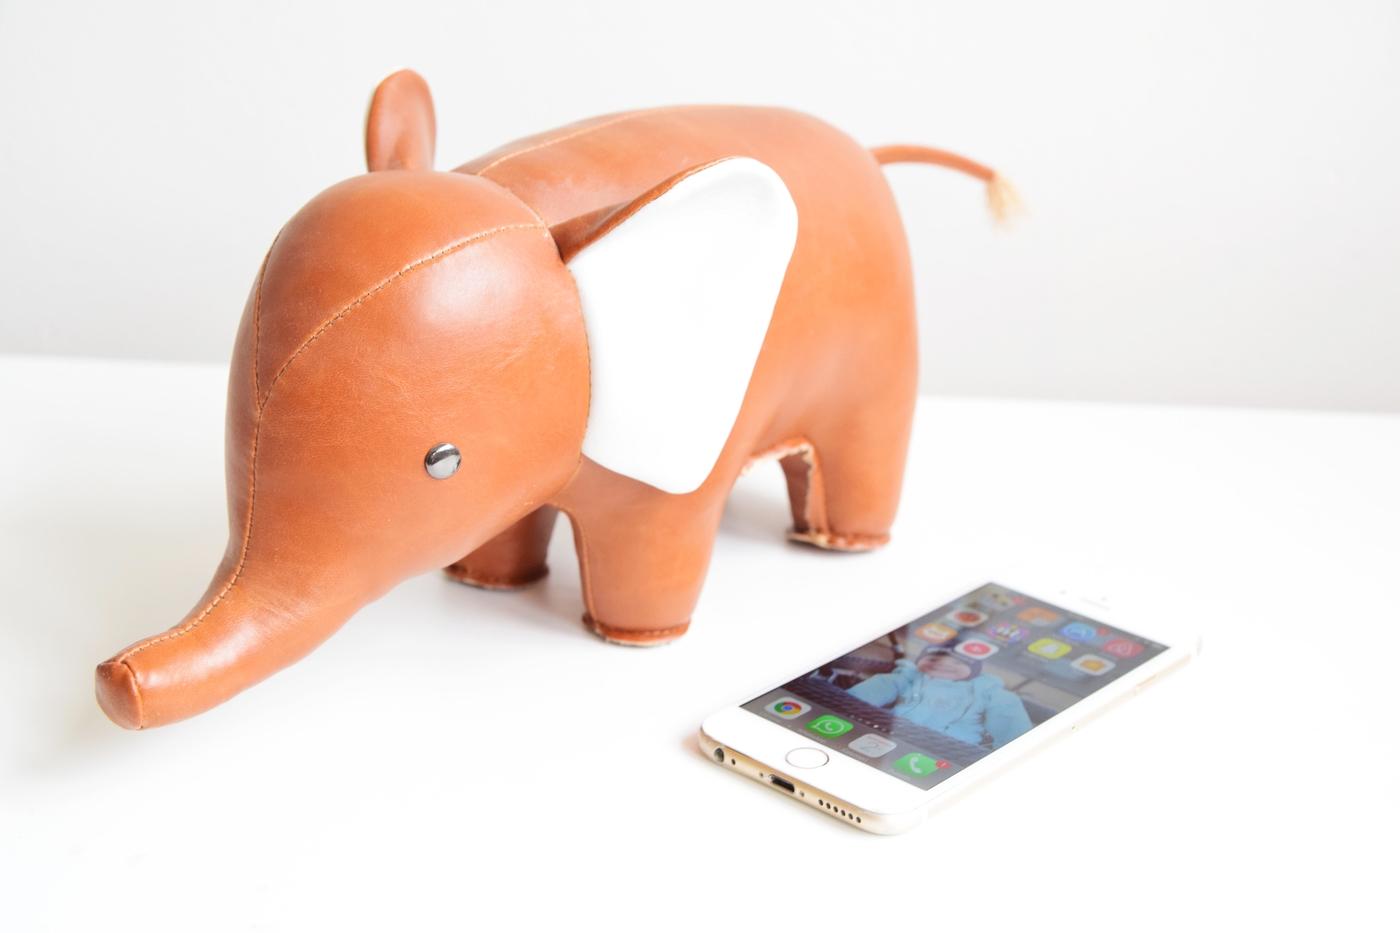 puhelin ja elefantti2.jpg